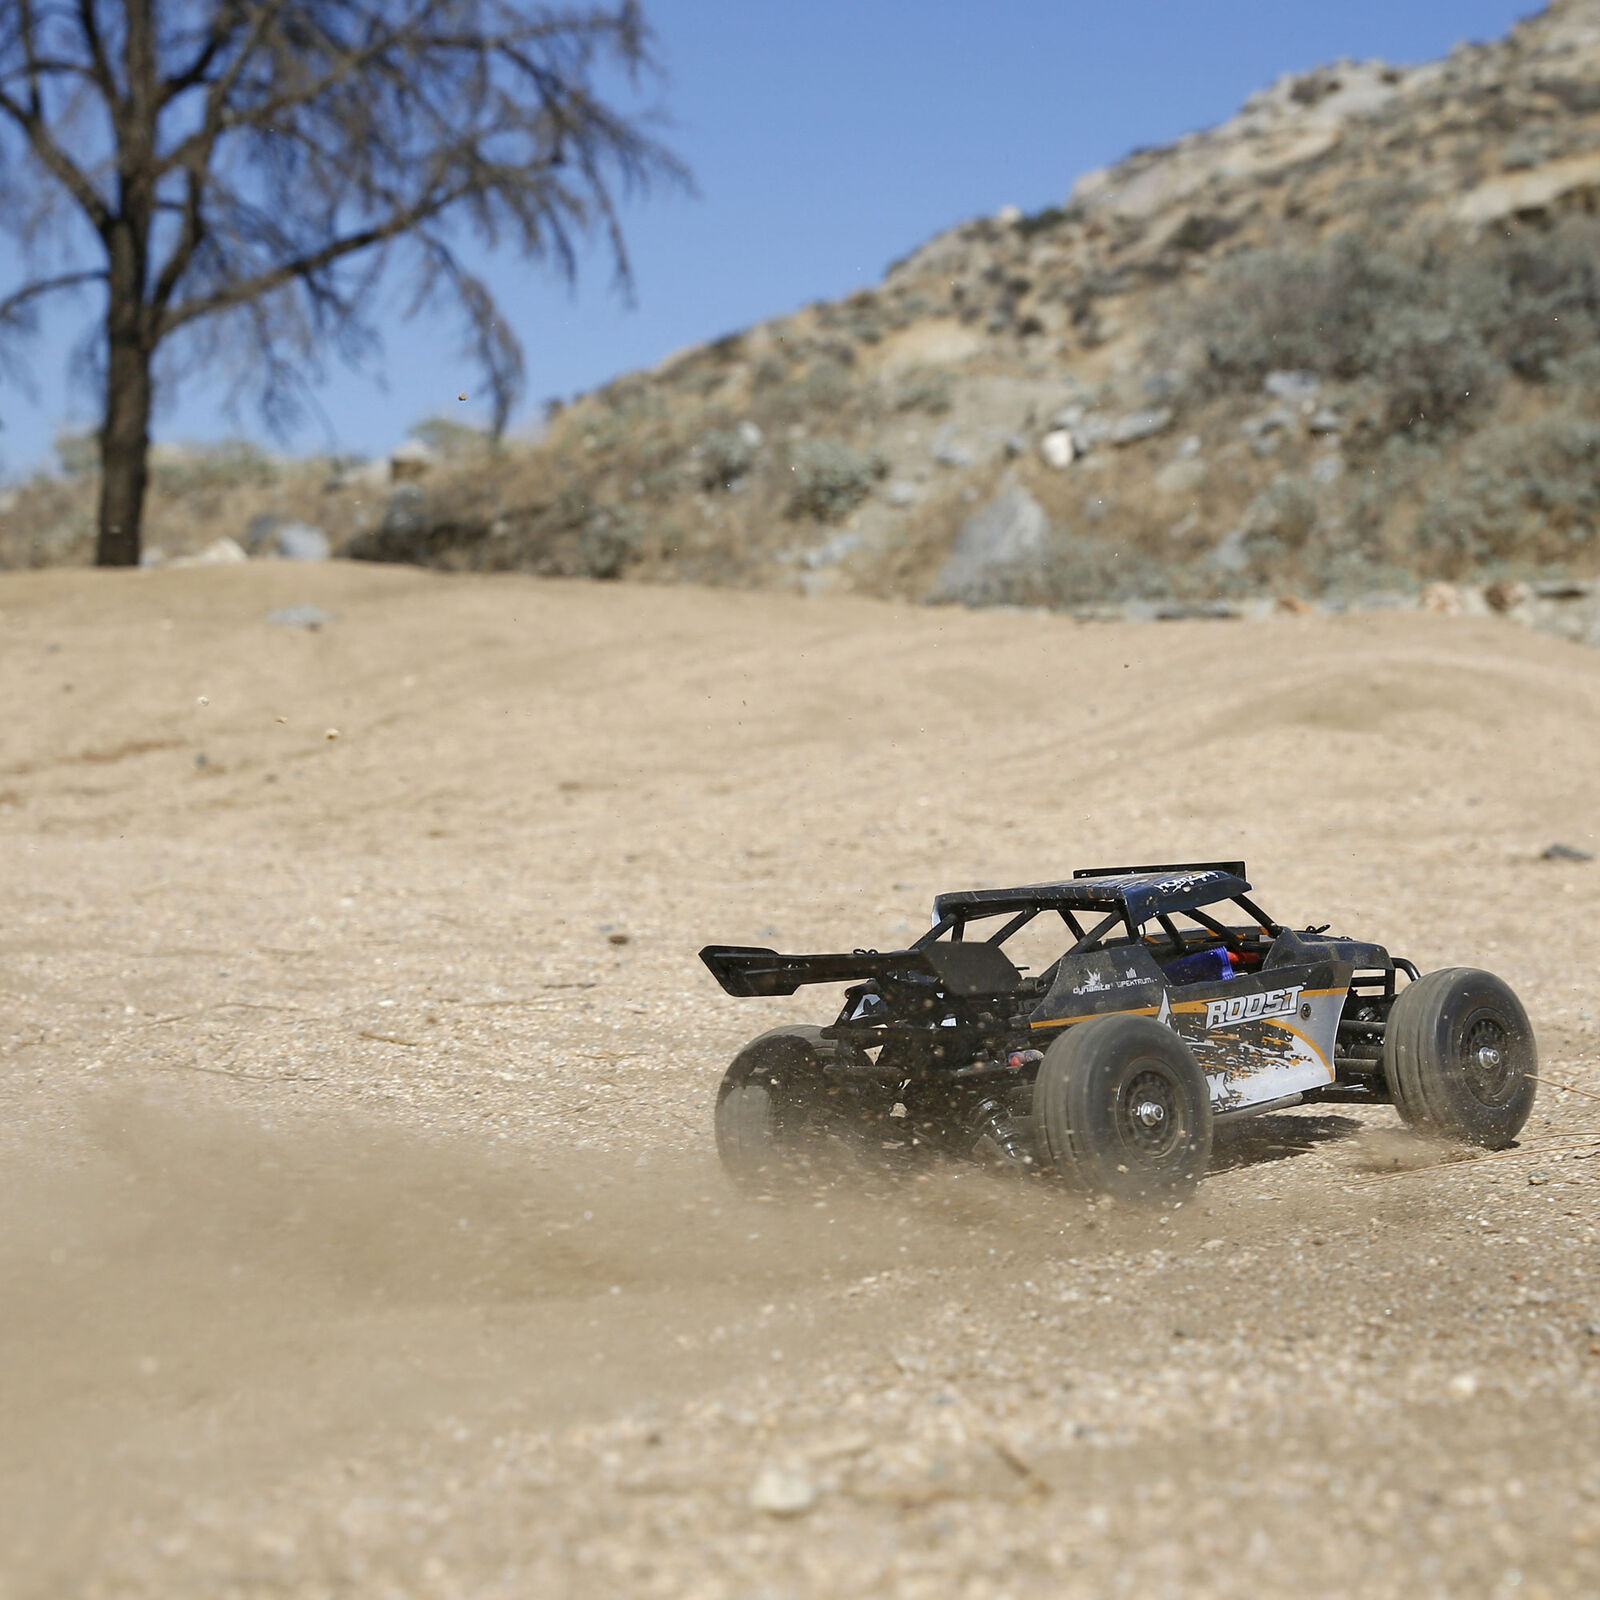 1/18 Roost 4WD Desert Buggy Brushed RTR, Black/Orange